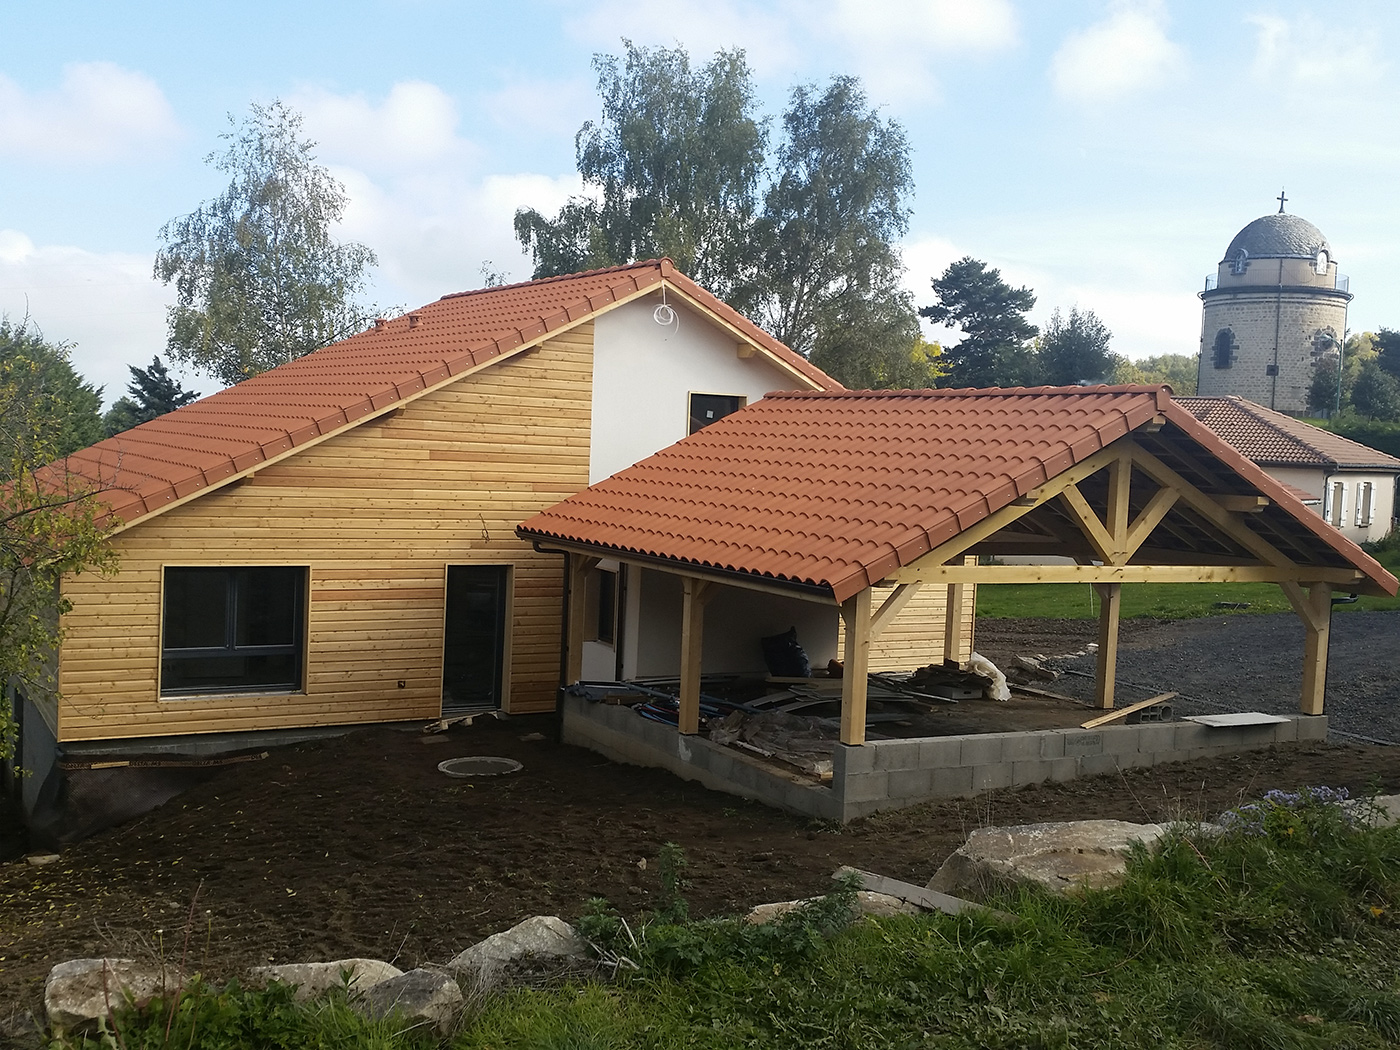 Constructeur maison bois puy de dome ventana blog for Constructeur maison bois